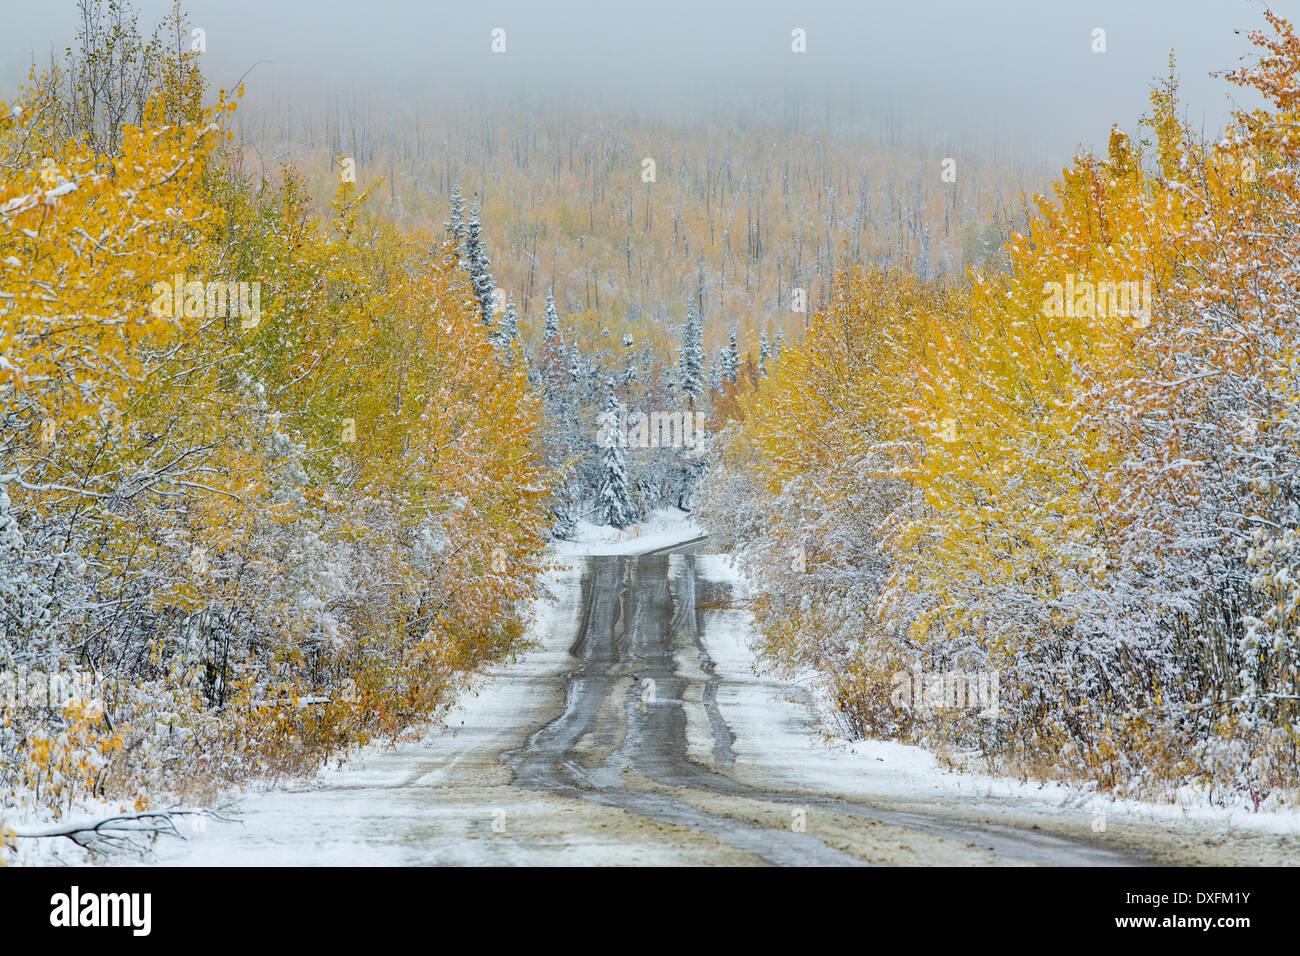 Herbstfärbung und der erste Schnee auf der Straße nach Keno, Silver Trail, Yukon Territorien, Kanada Stockbild